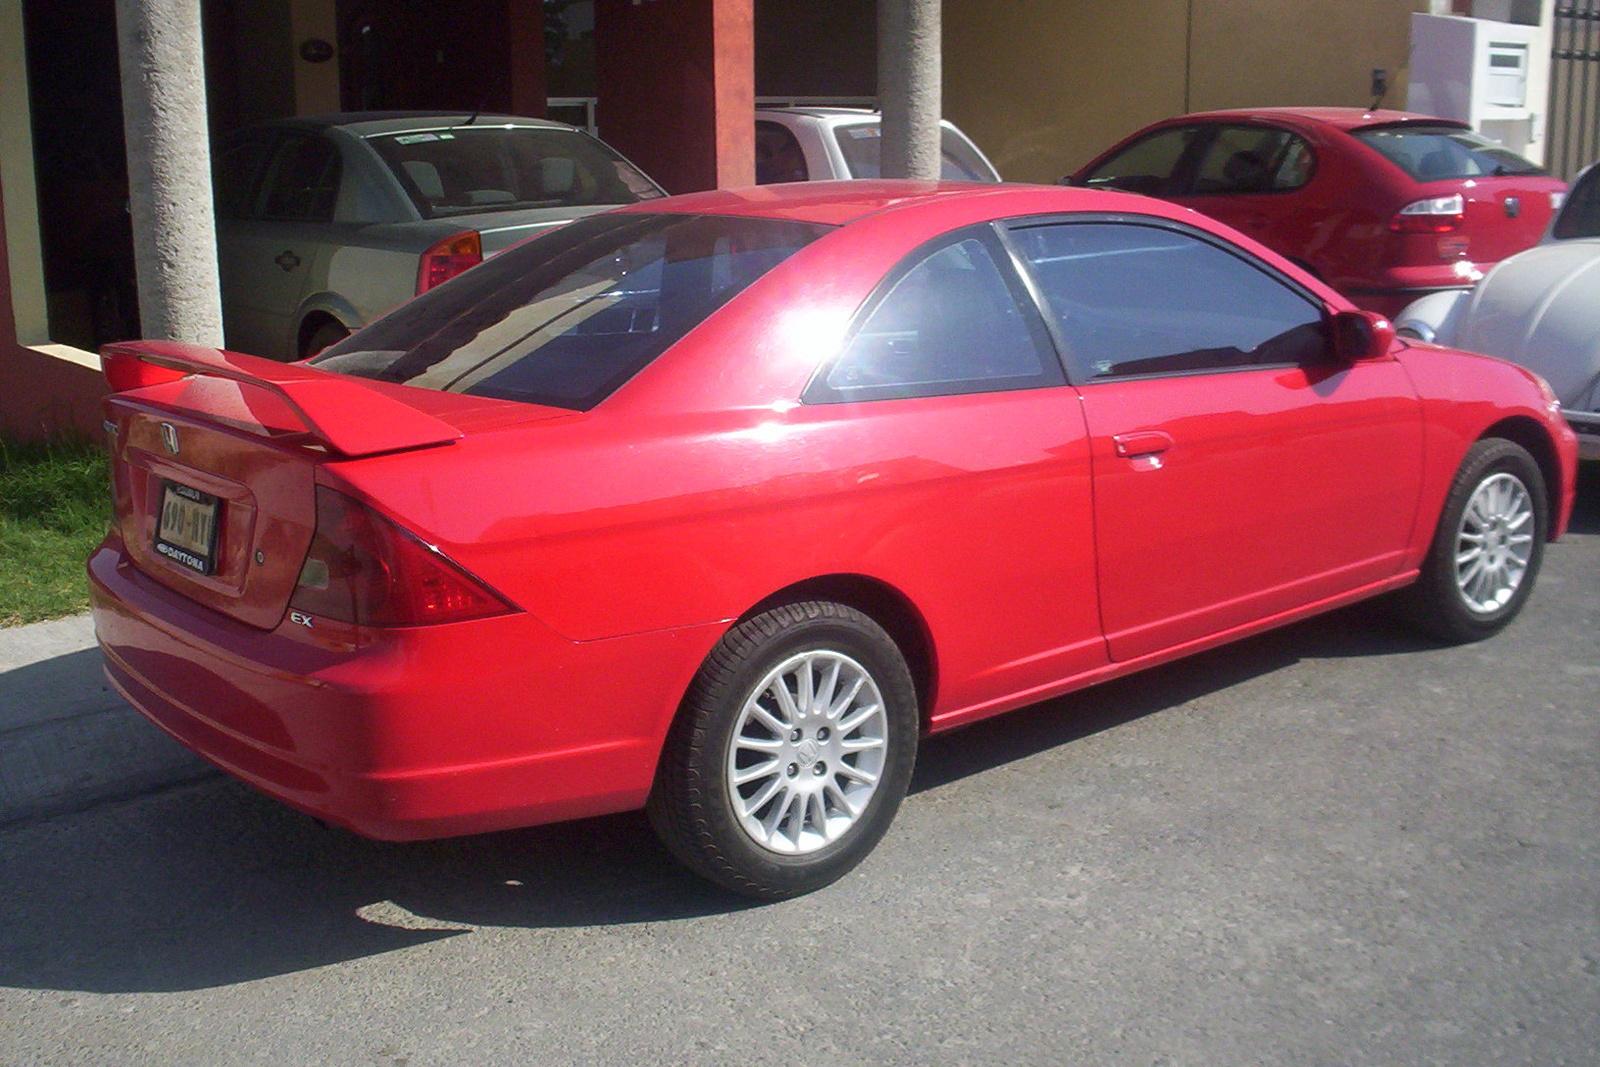 2001 Honda Civic Coupe - Pictures - CarGurus